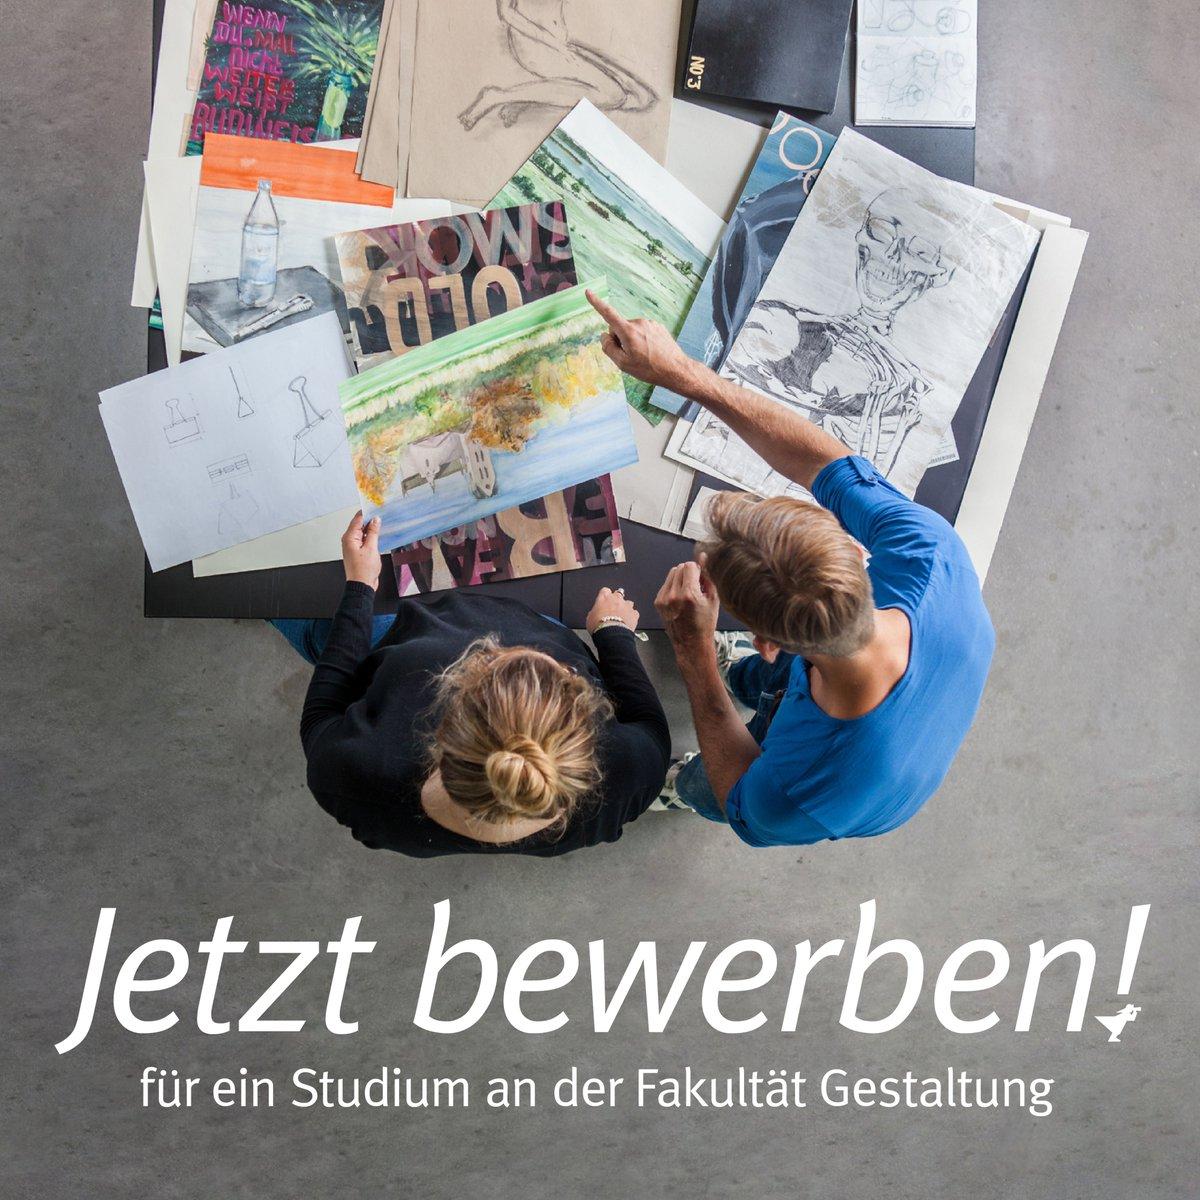 Wismar Innenarchitektur fak gestaltung hwi on jetzt für die künstlerische